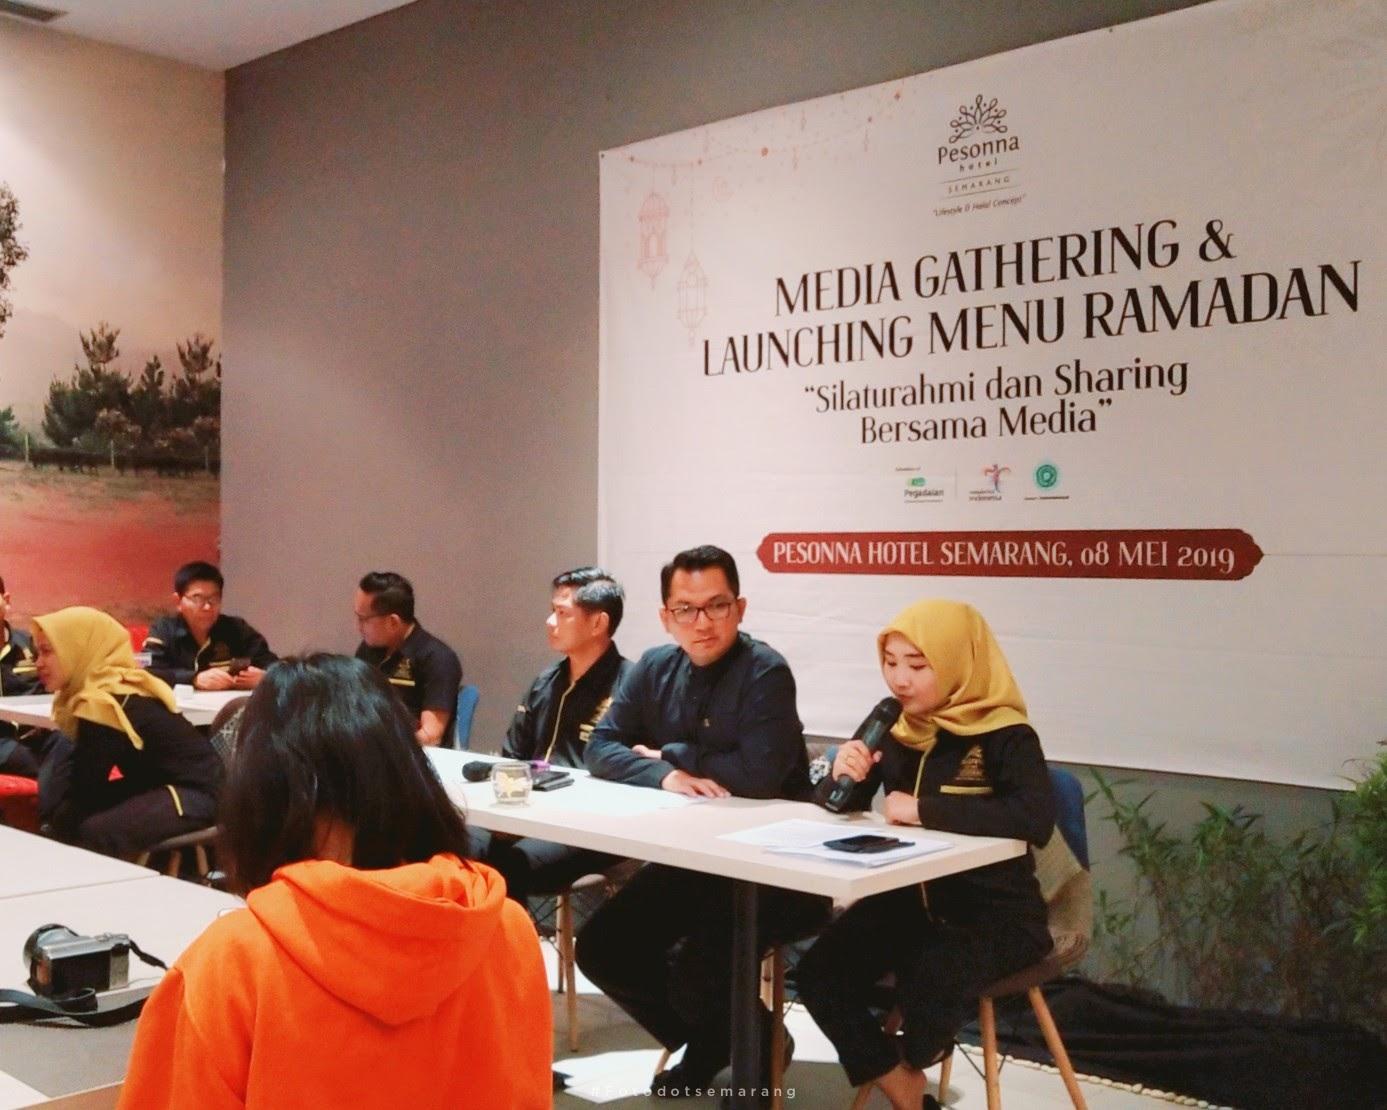 Puasa 2019, Pesonna Hotel Semarang Kenalkan GM Baru dan Launching Menu Buka Puasa